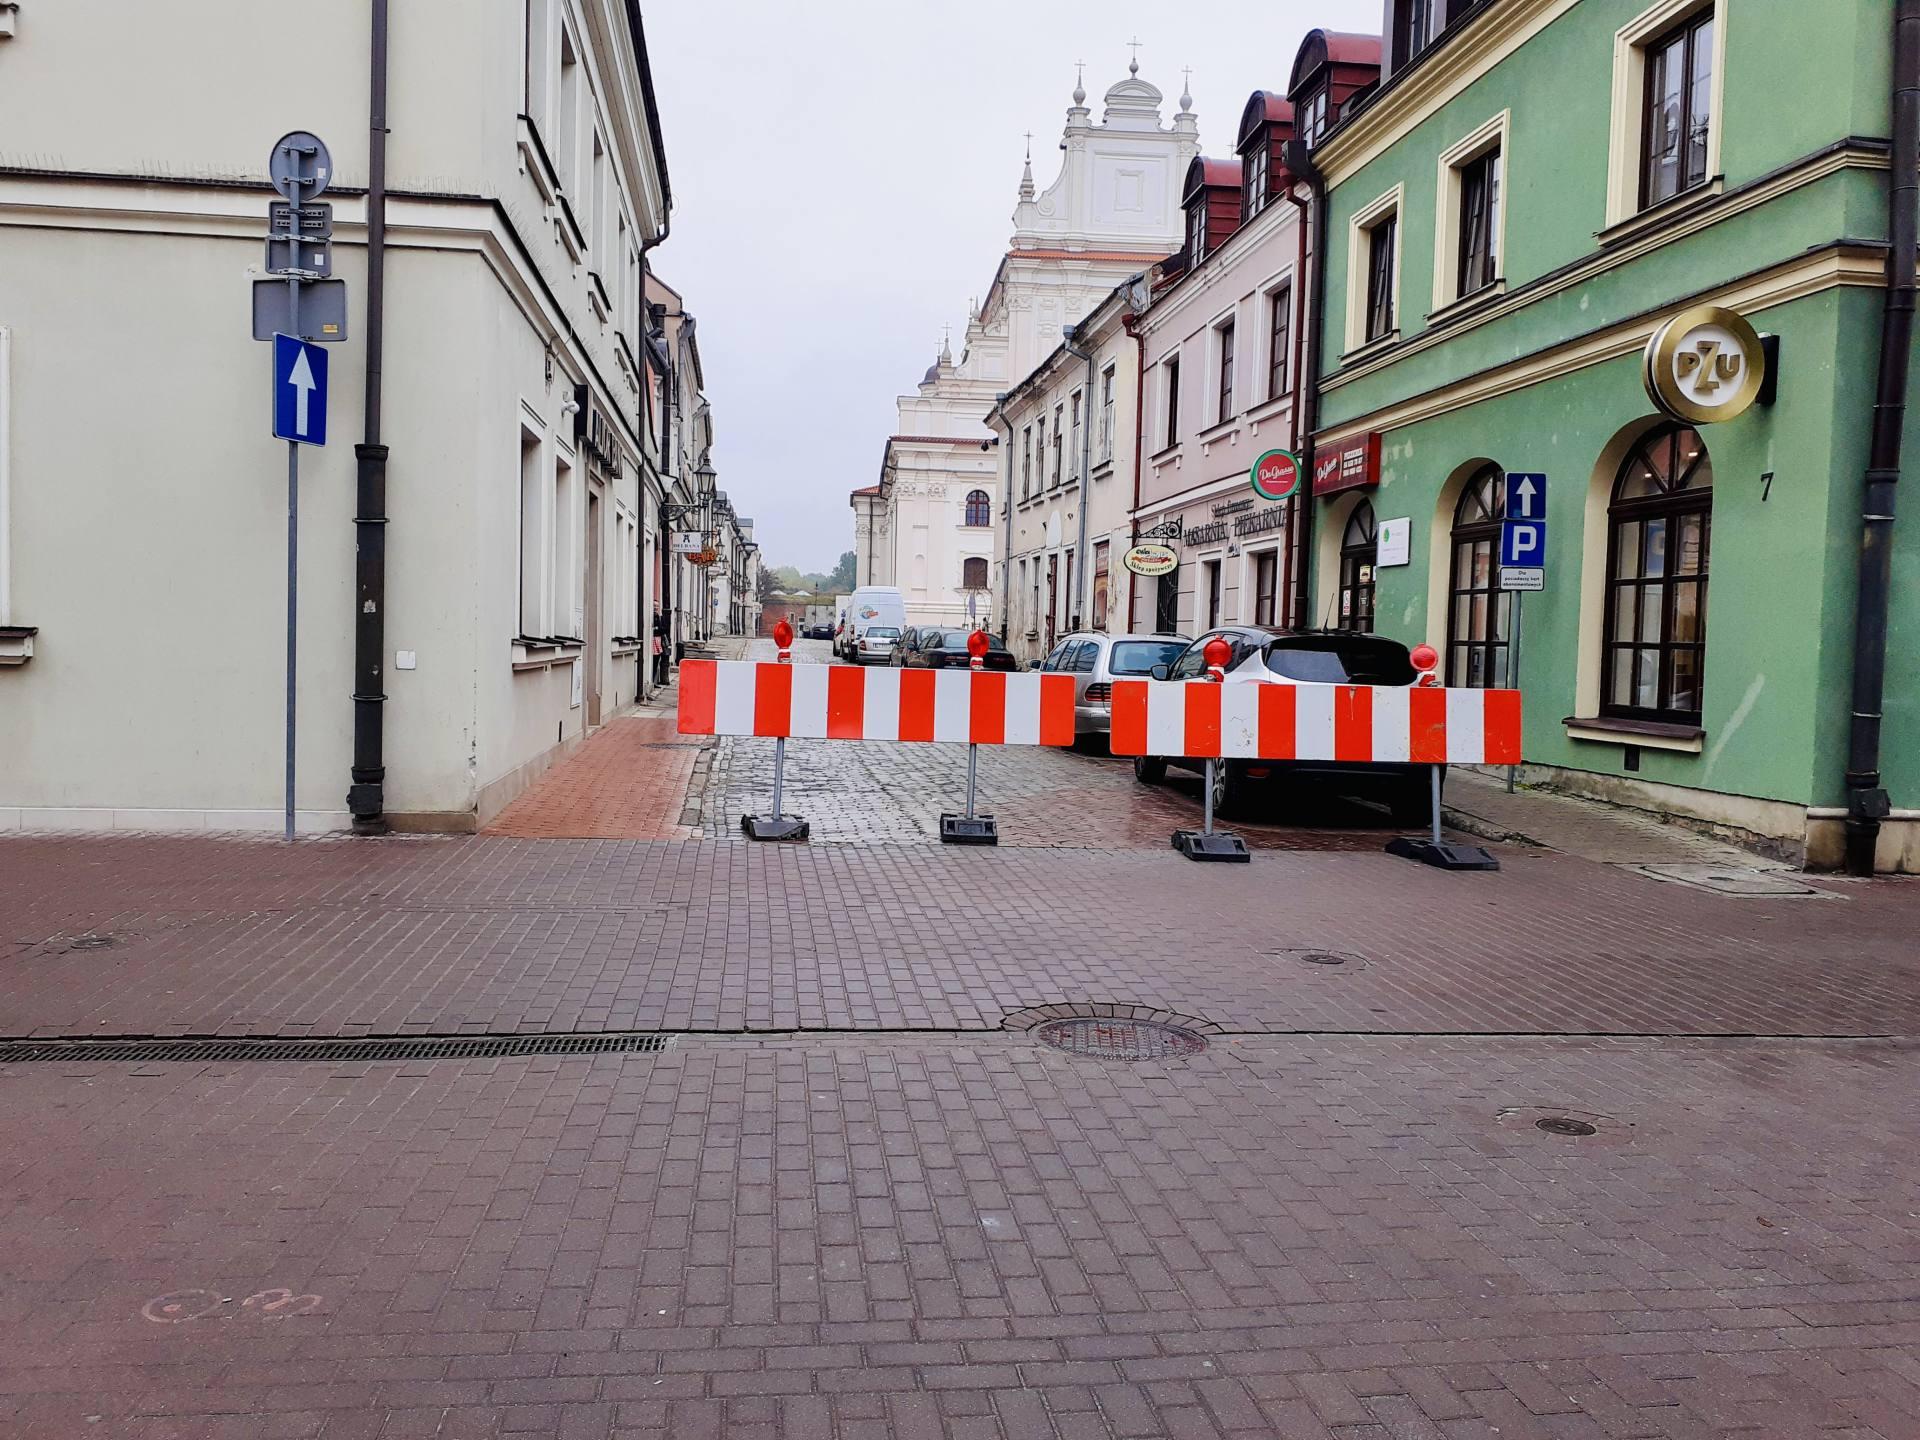 20211013 084322 ZAMOŚĆ: Znów utrudnienia na Starówce. Kolejne ulice zostały zamknięte.